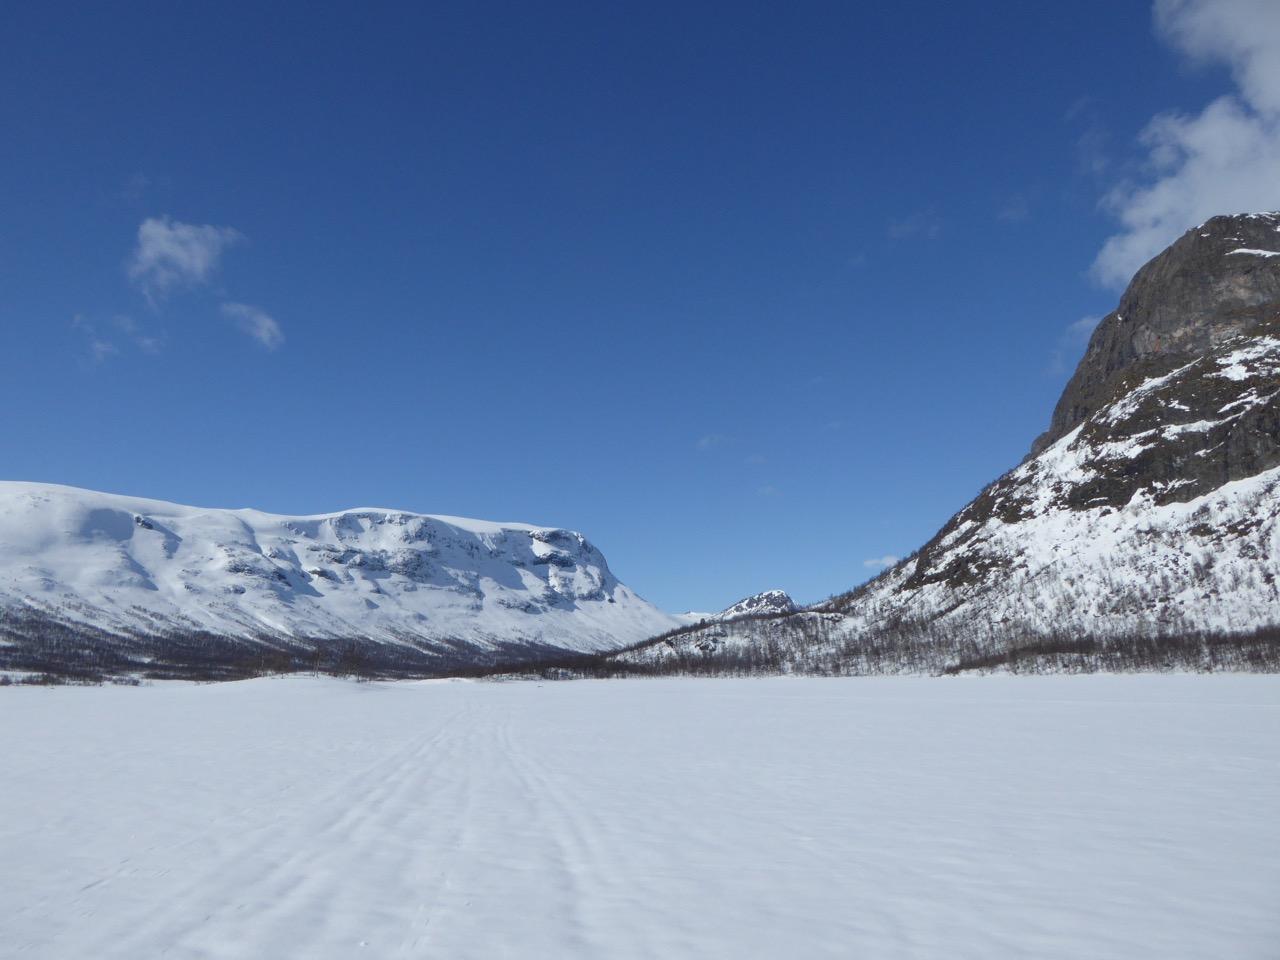 På vei ut av dalen, Sikkilsdalshøa til høyre